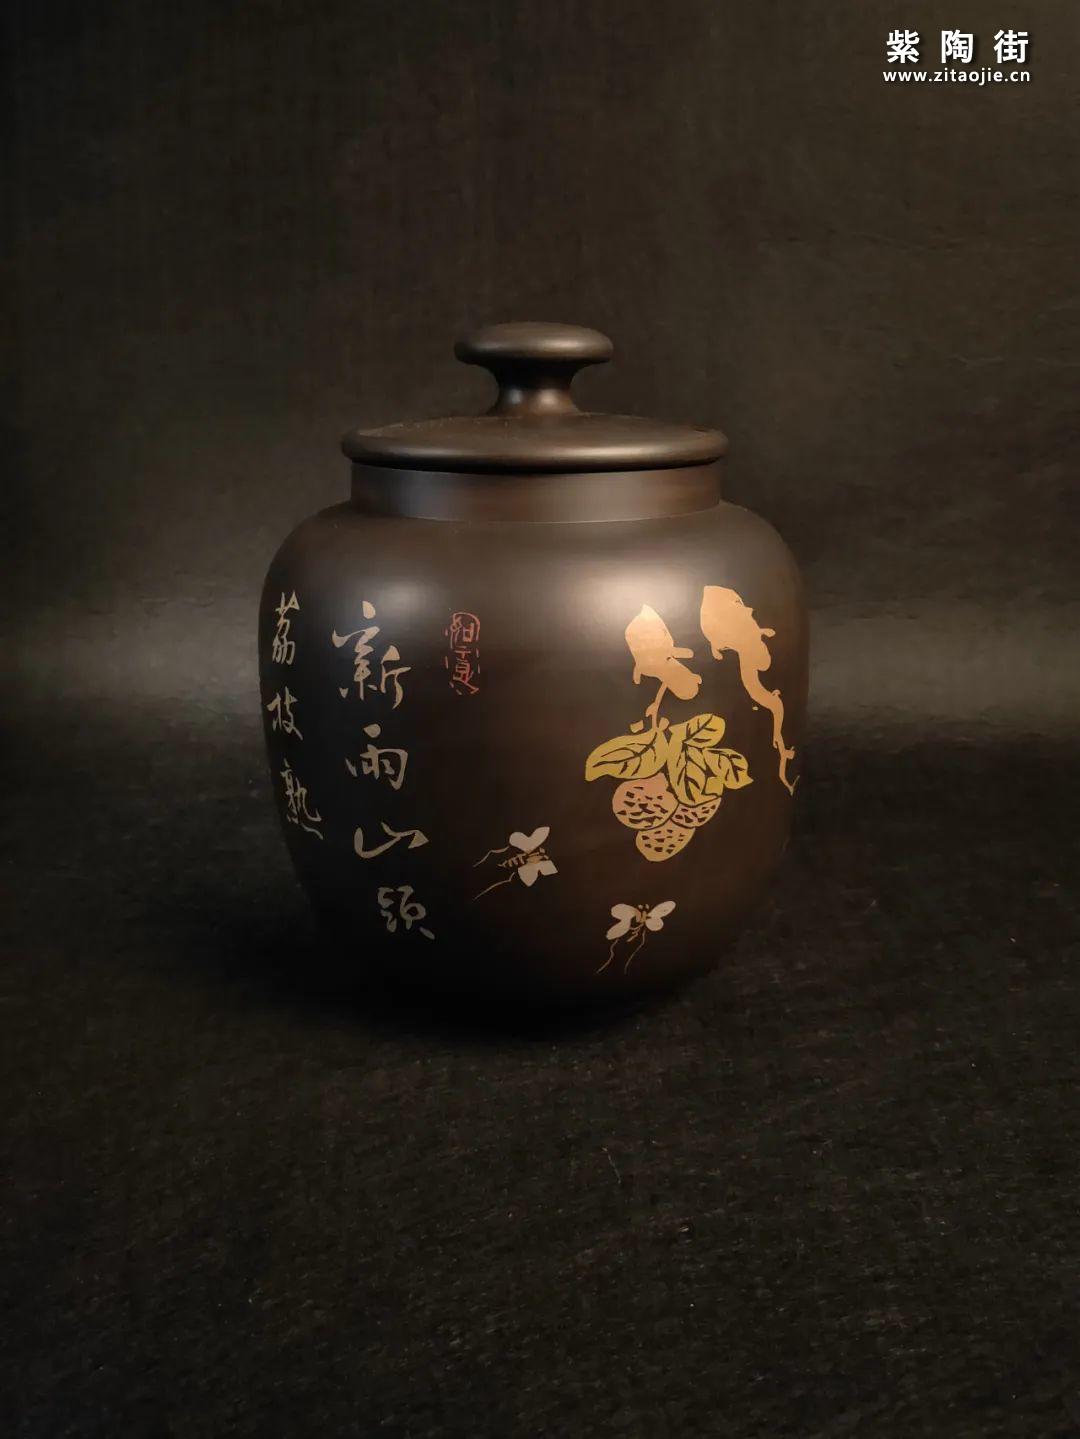 紫陶醒茶罐 • 普洱茶的好搭档-紫陶街